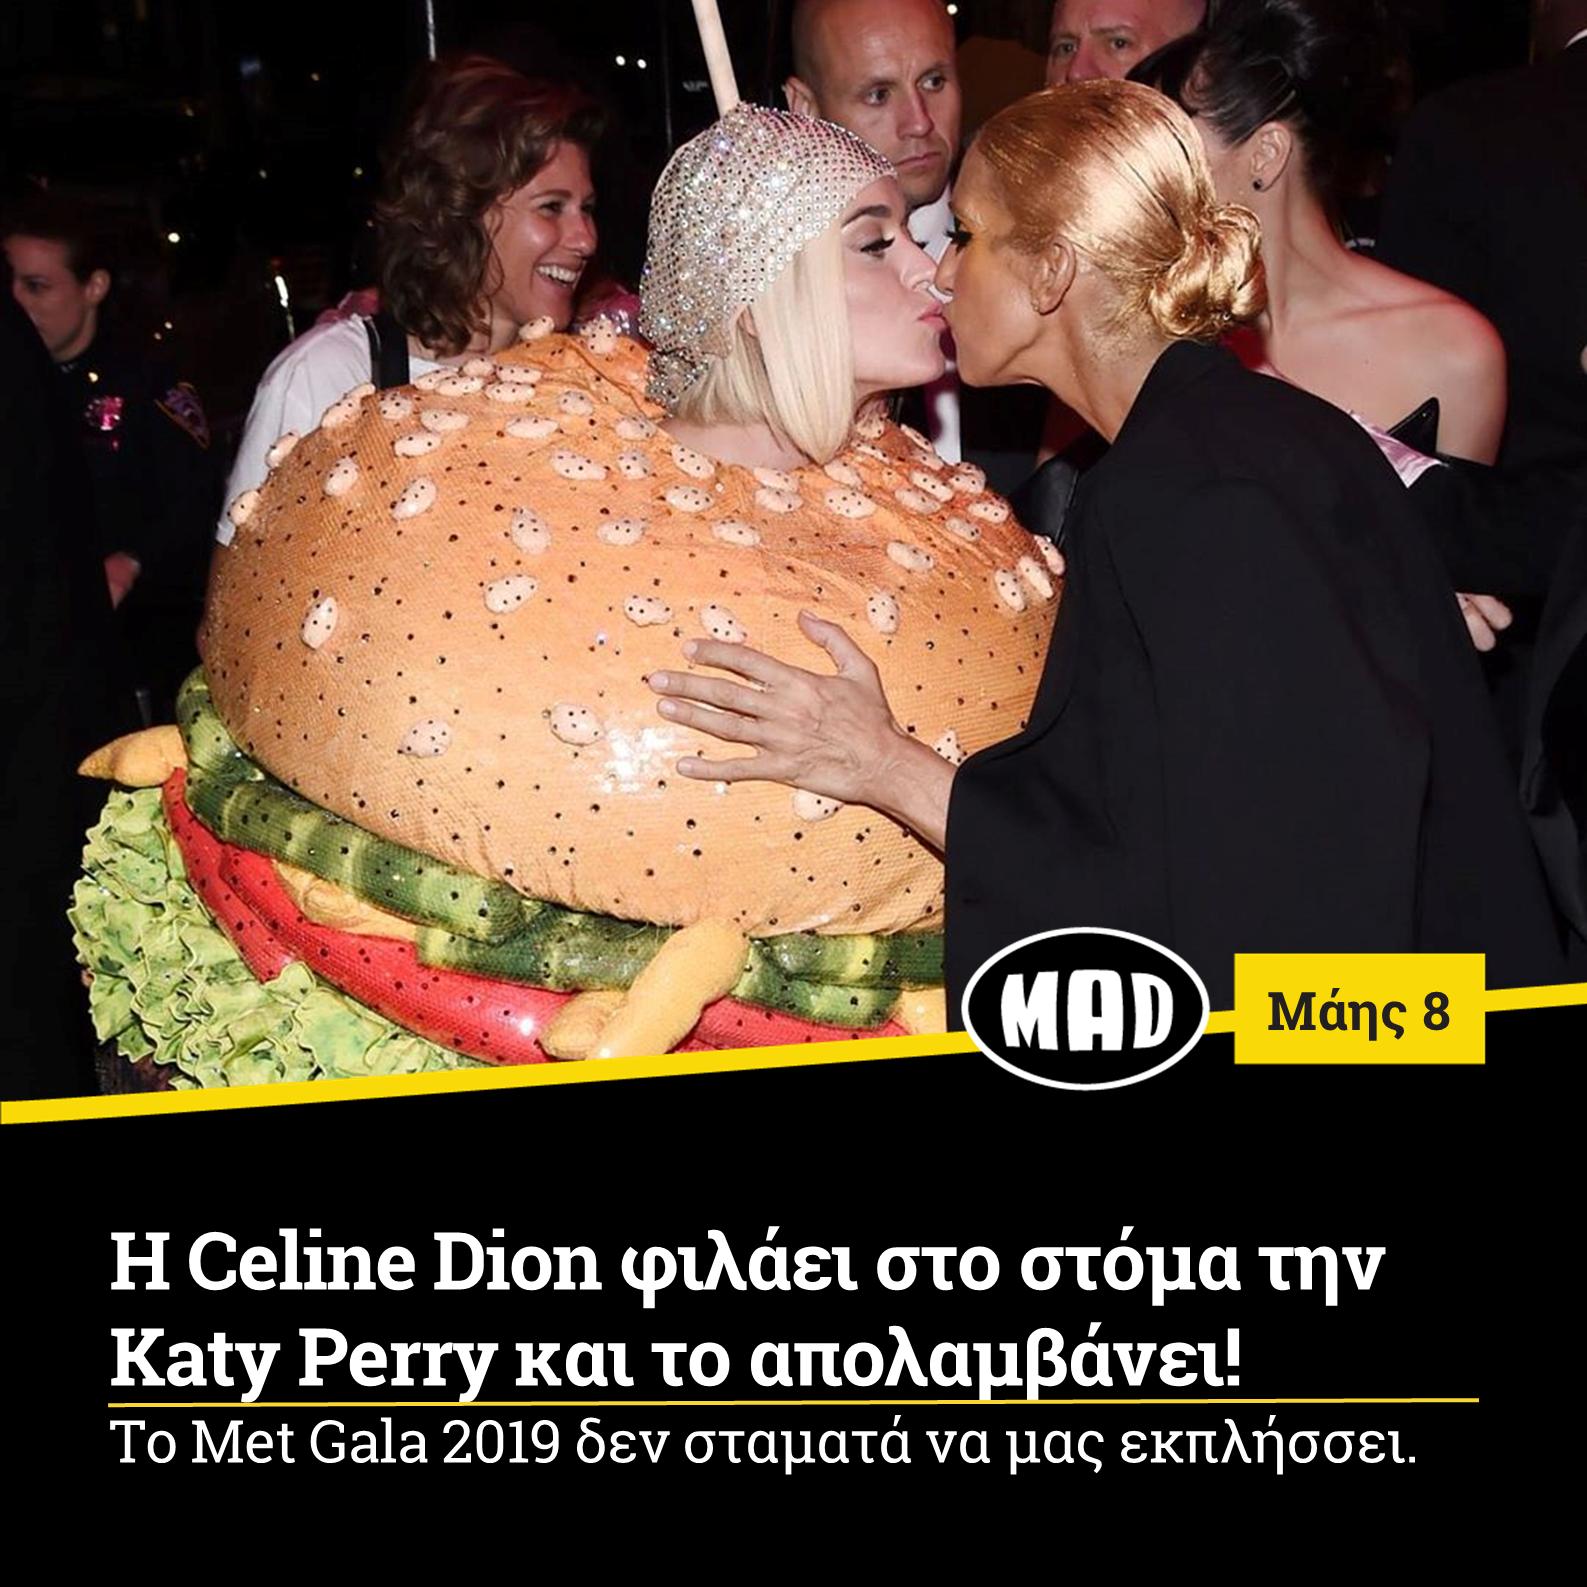 Η Celine Dion φιλάει στο στόμα την Katy Perry και το απολαμβάνει!